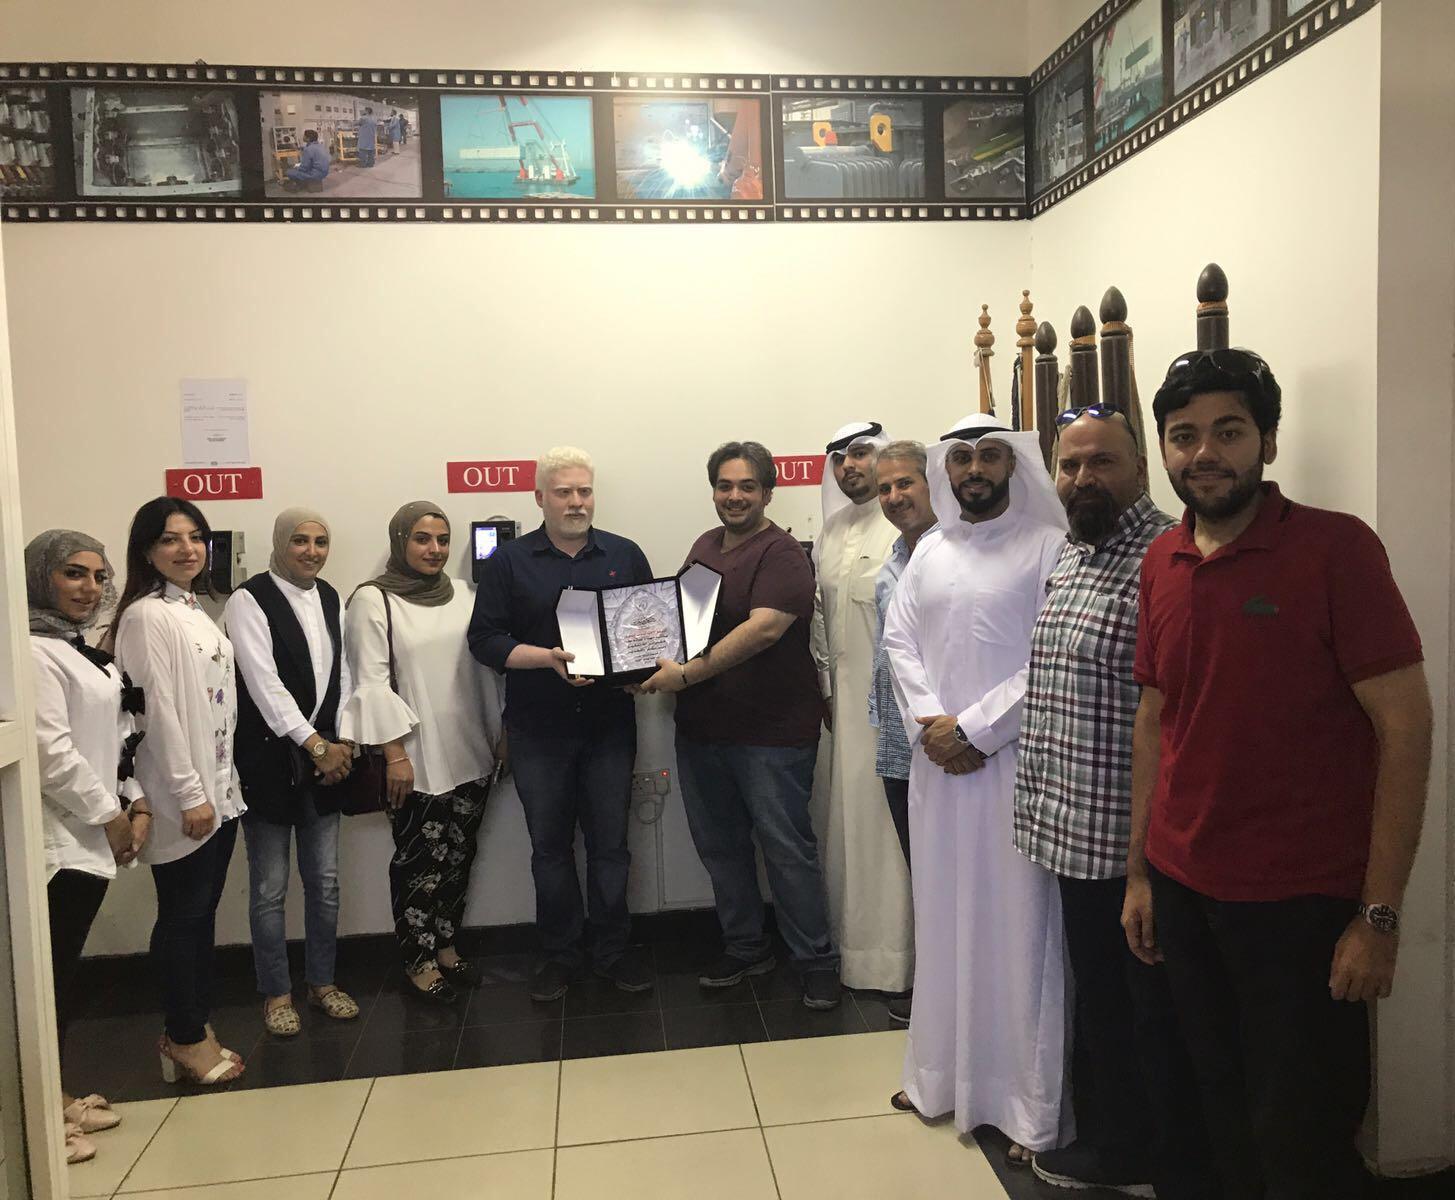 نظمت لجنة العلاقات العامة زيارة للشركة الأهلية للوحات الكهرباء